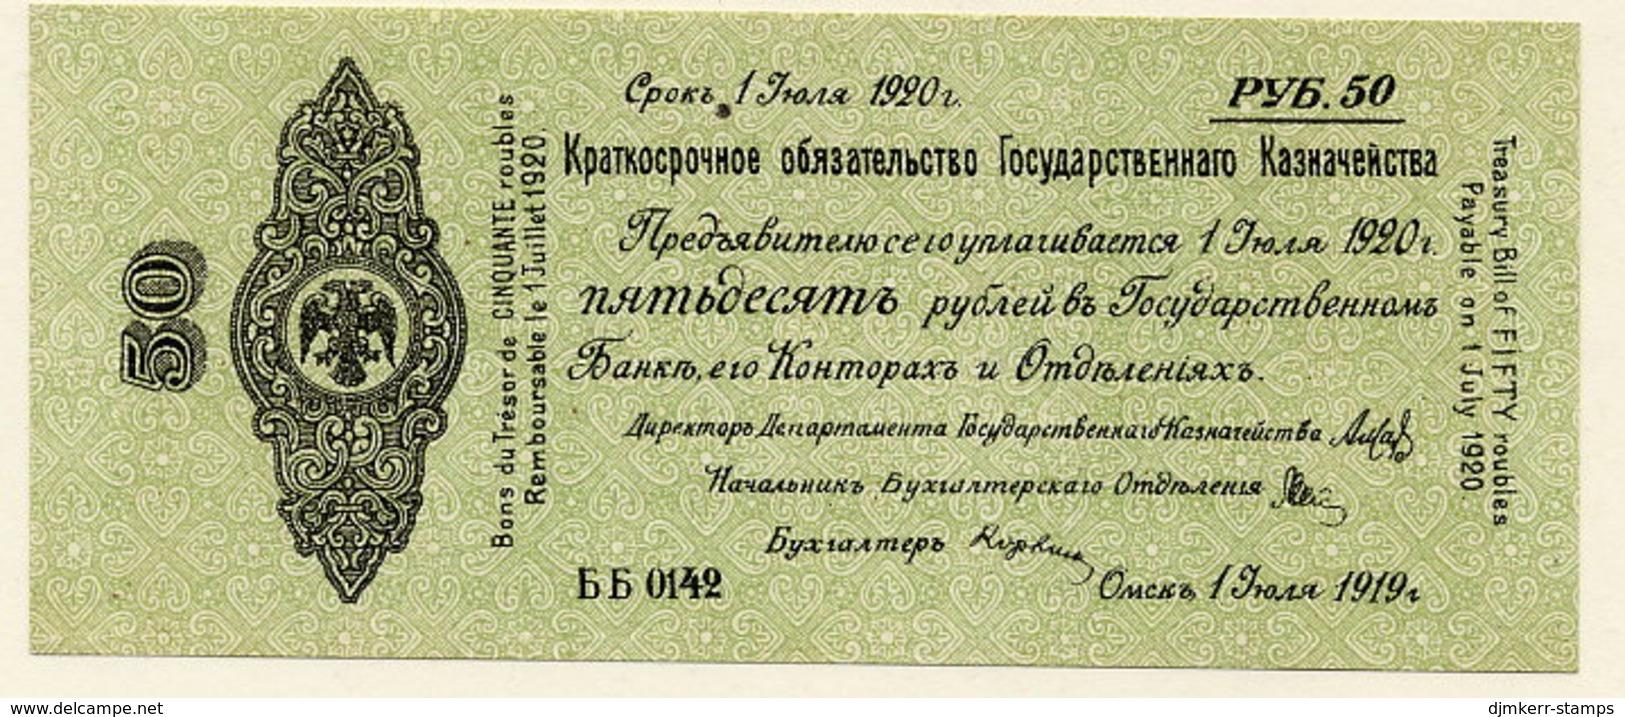 SIBERIA & URALS (Omsk) July 1919 50 Rubles  UNC  S865b - Russia